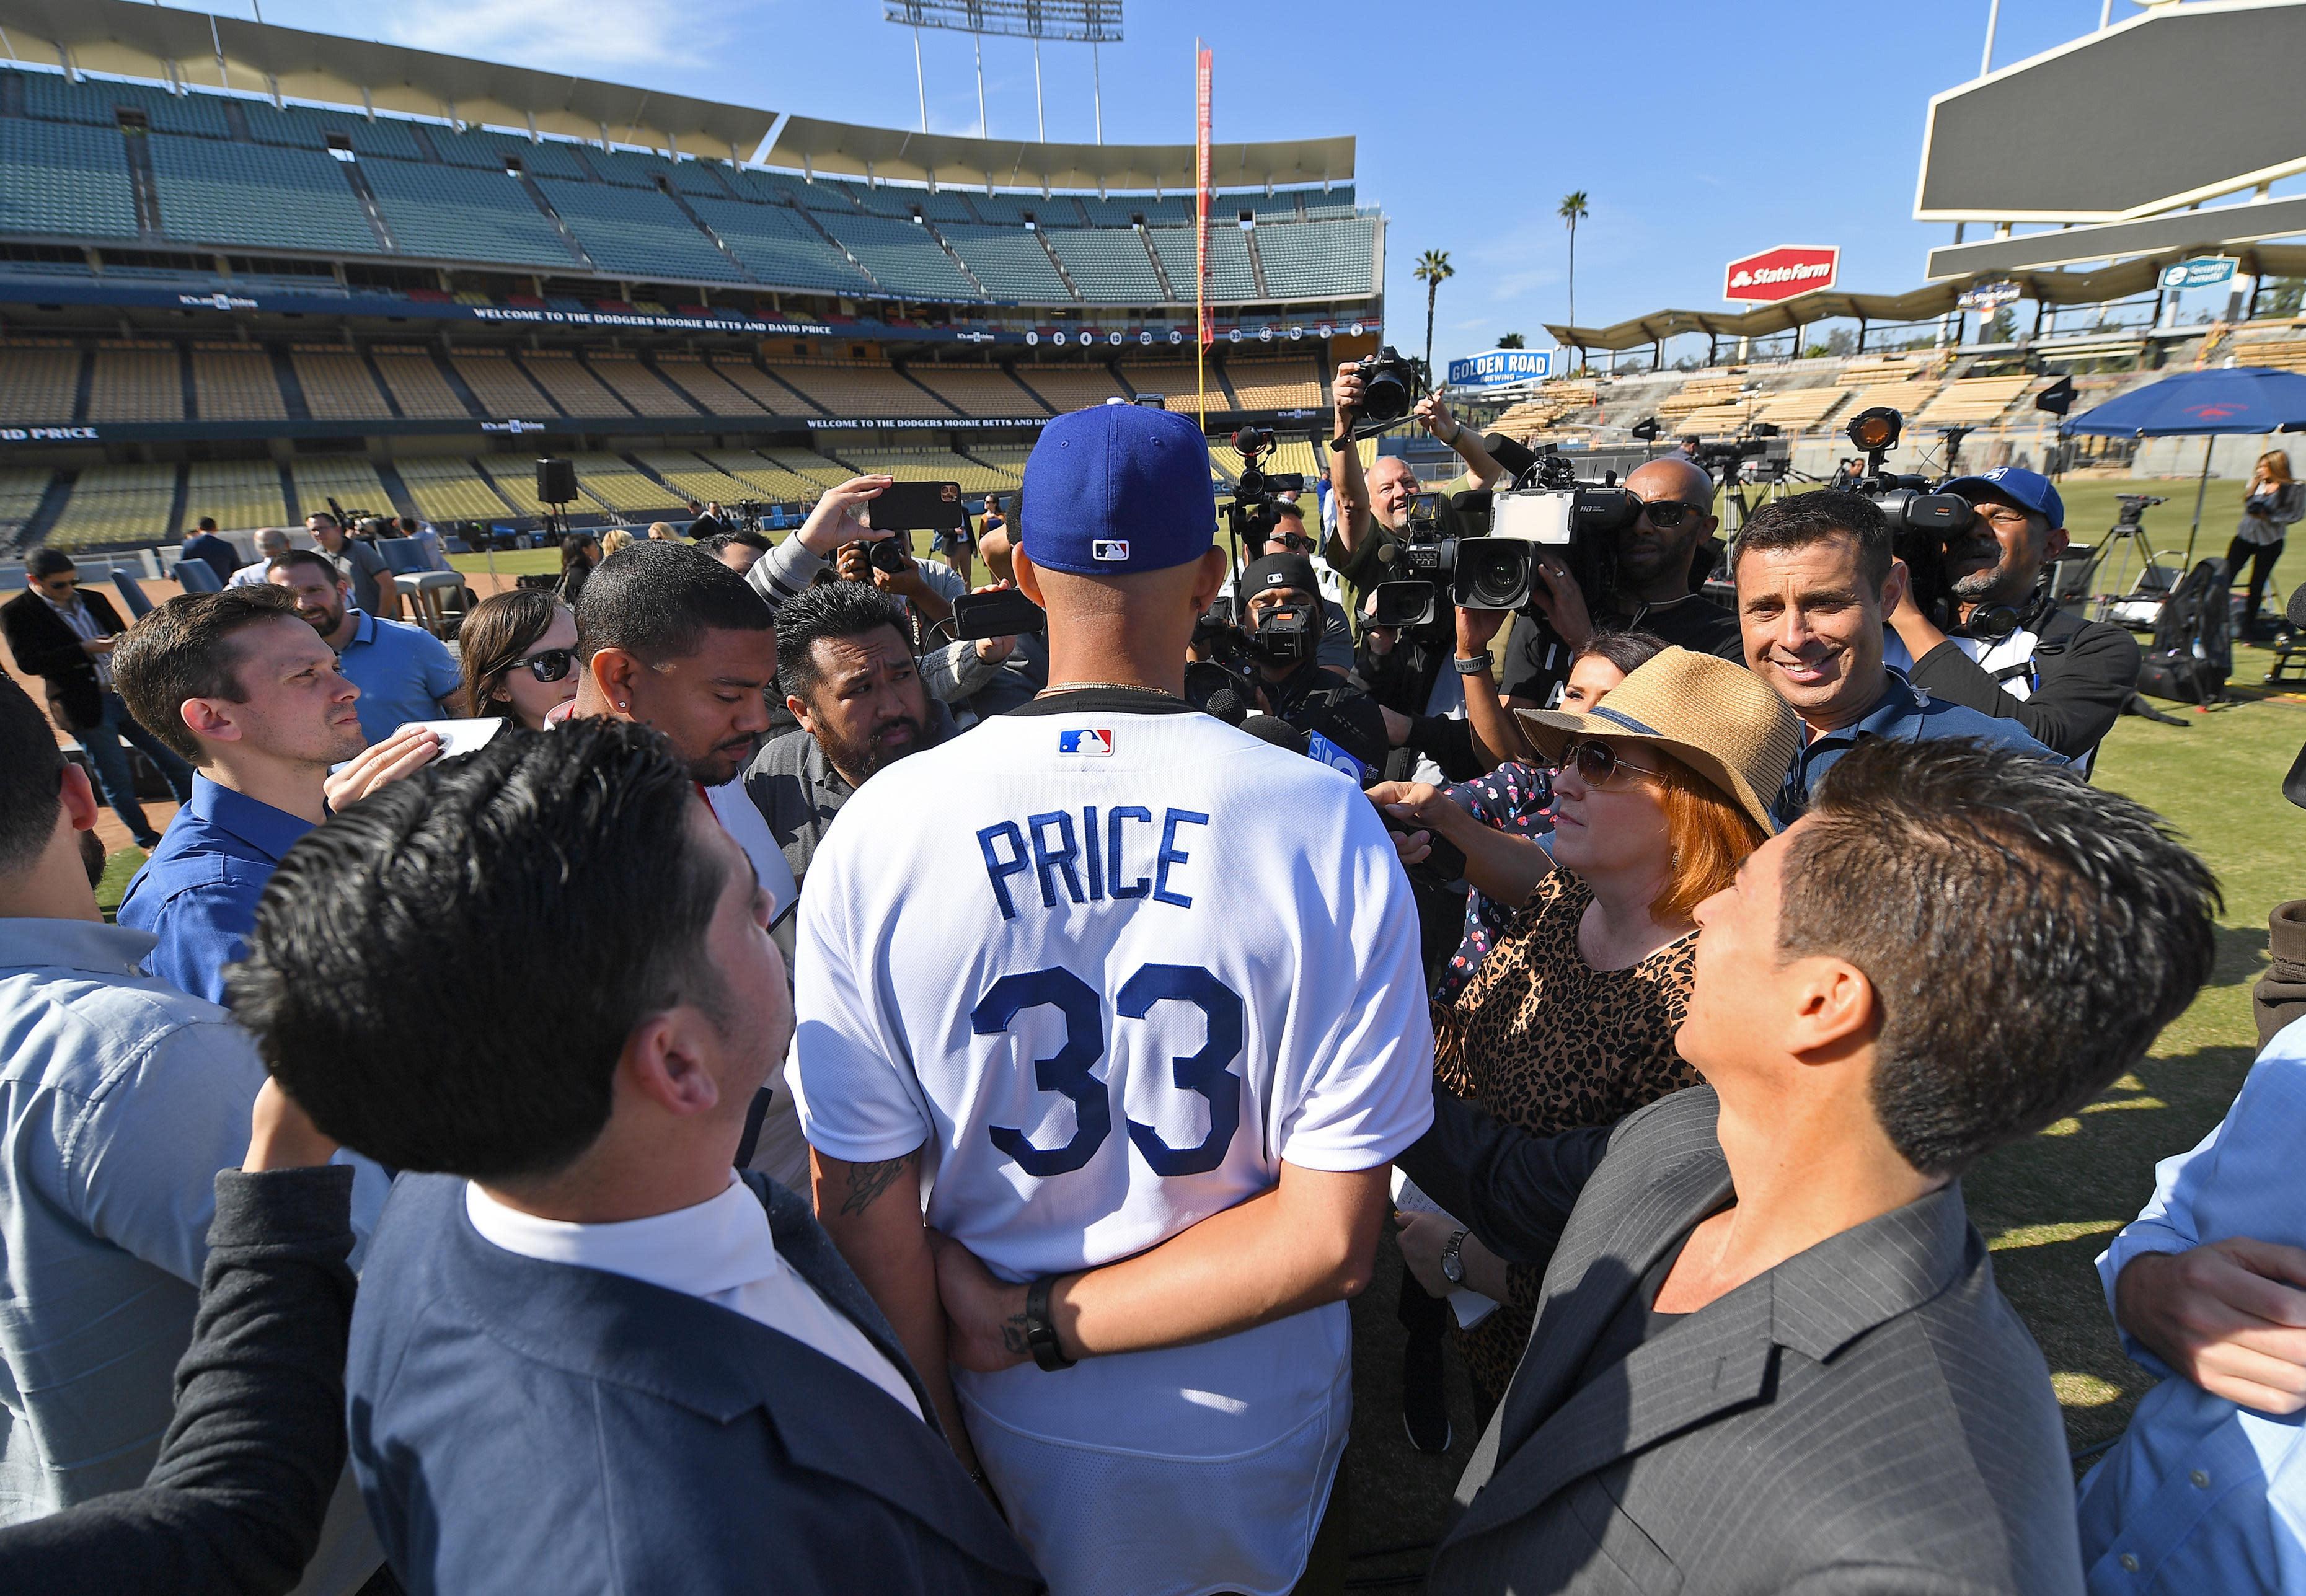 David Price opts out of 2020 MLB season